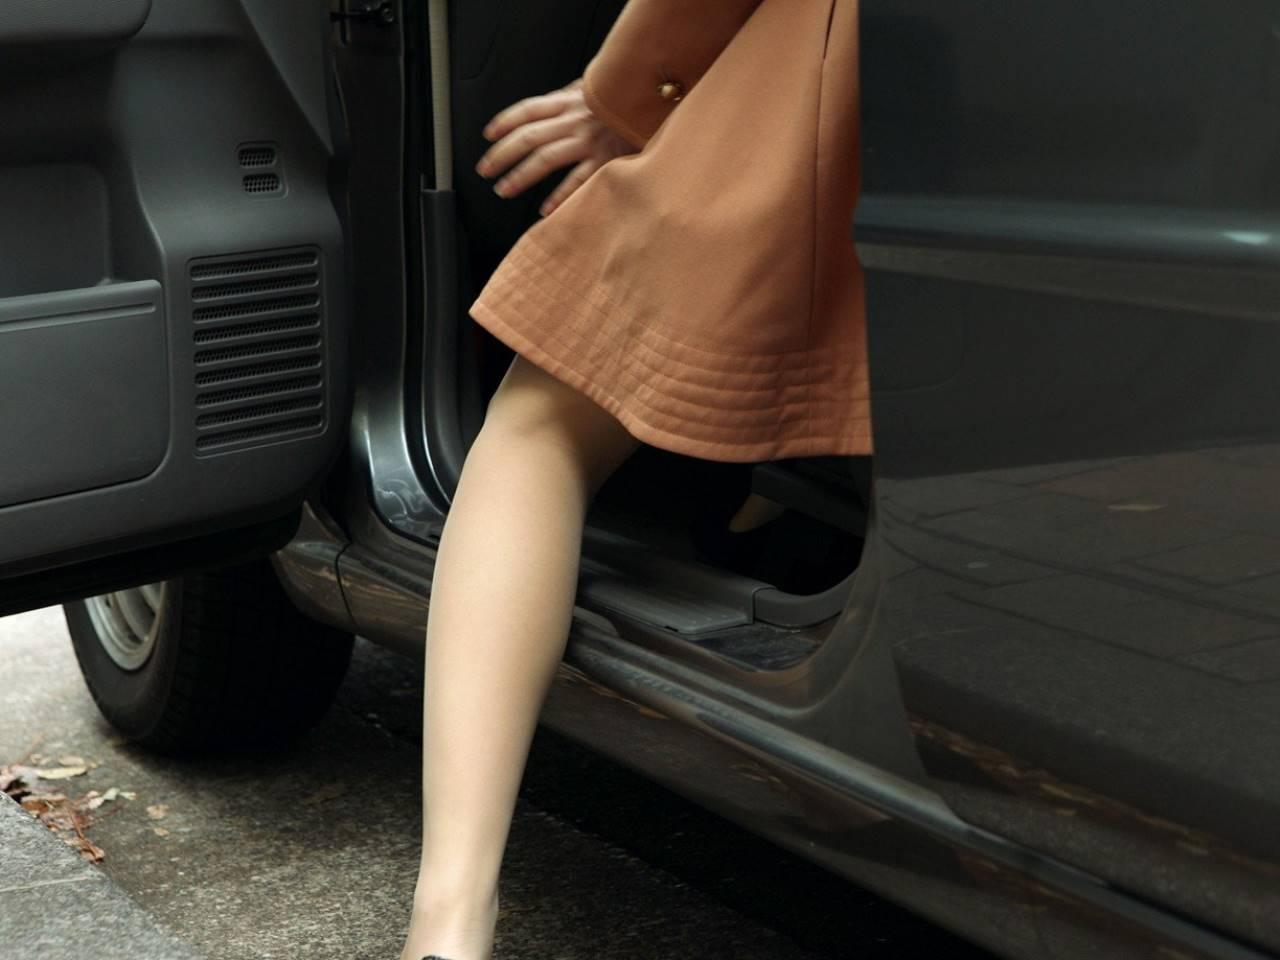 車内で誘惑してきた女子社員のハメ撮りエロ画像 6